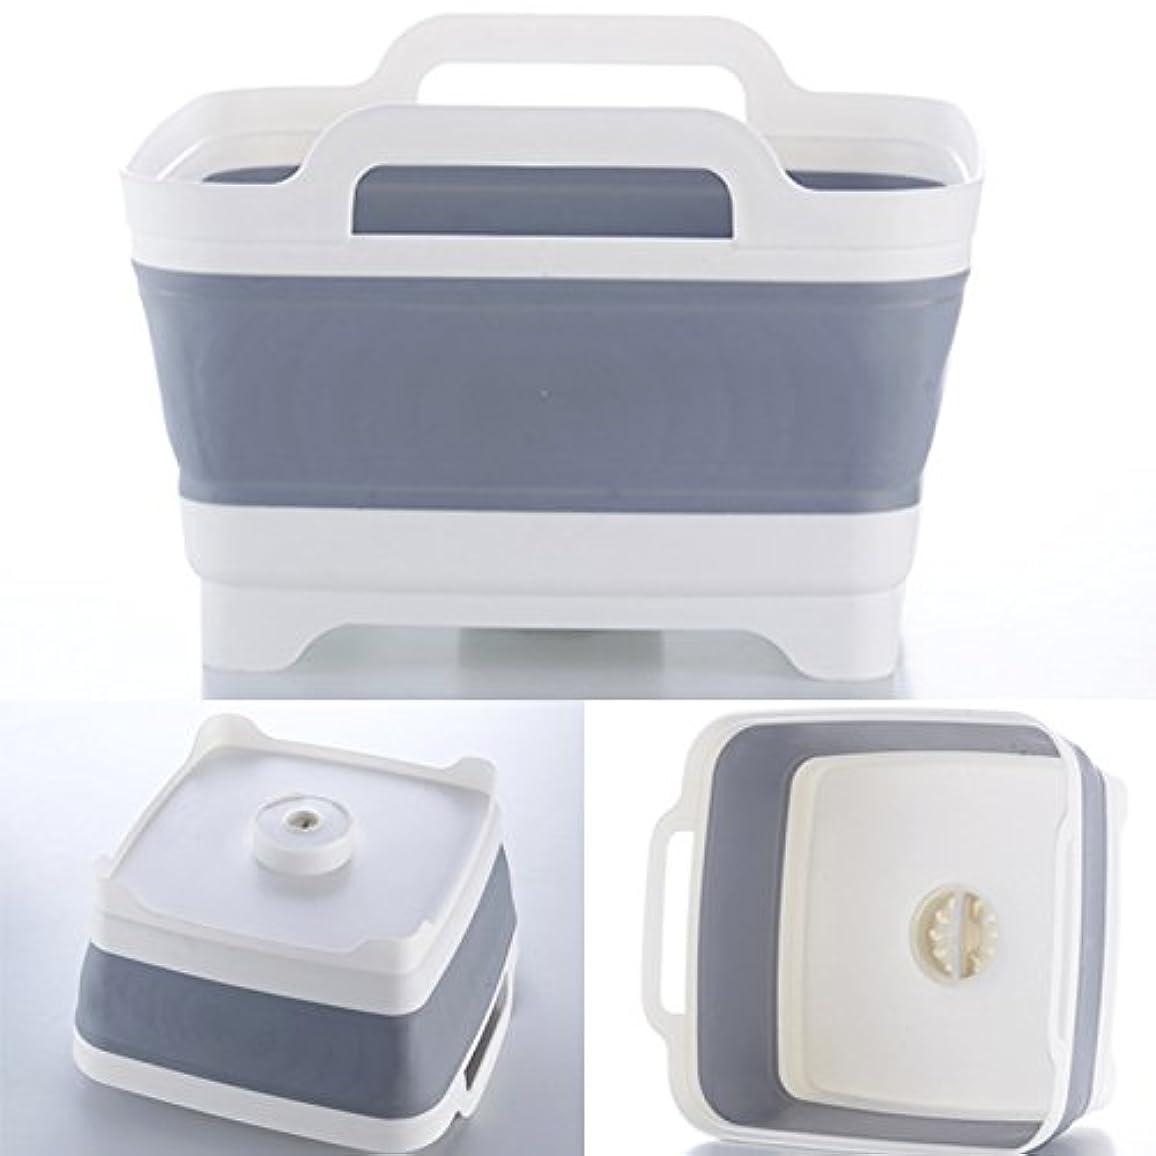 フルーツ野菜借りるしみリス『防汚?抗菌加工の水周り用品』 ホーム&ホーム 洗い桶